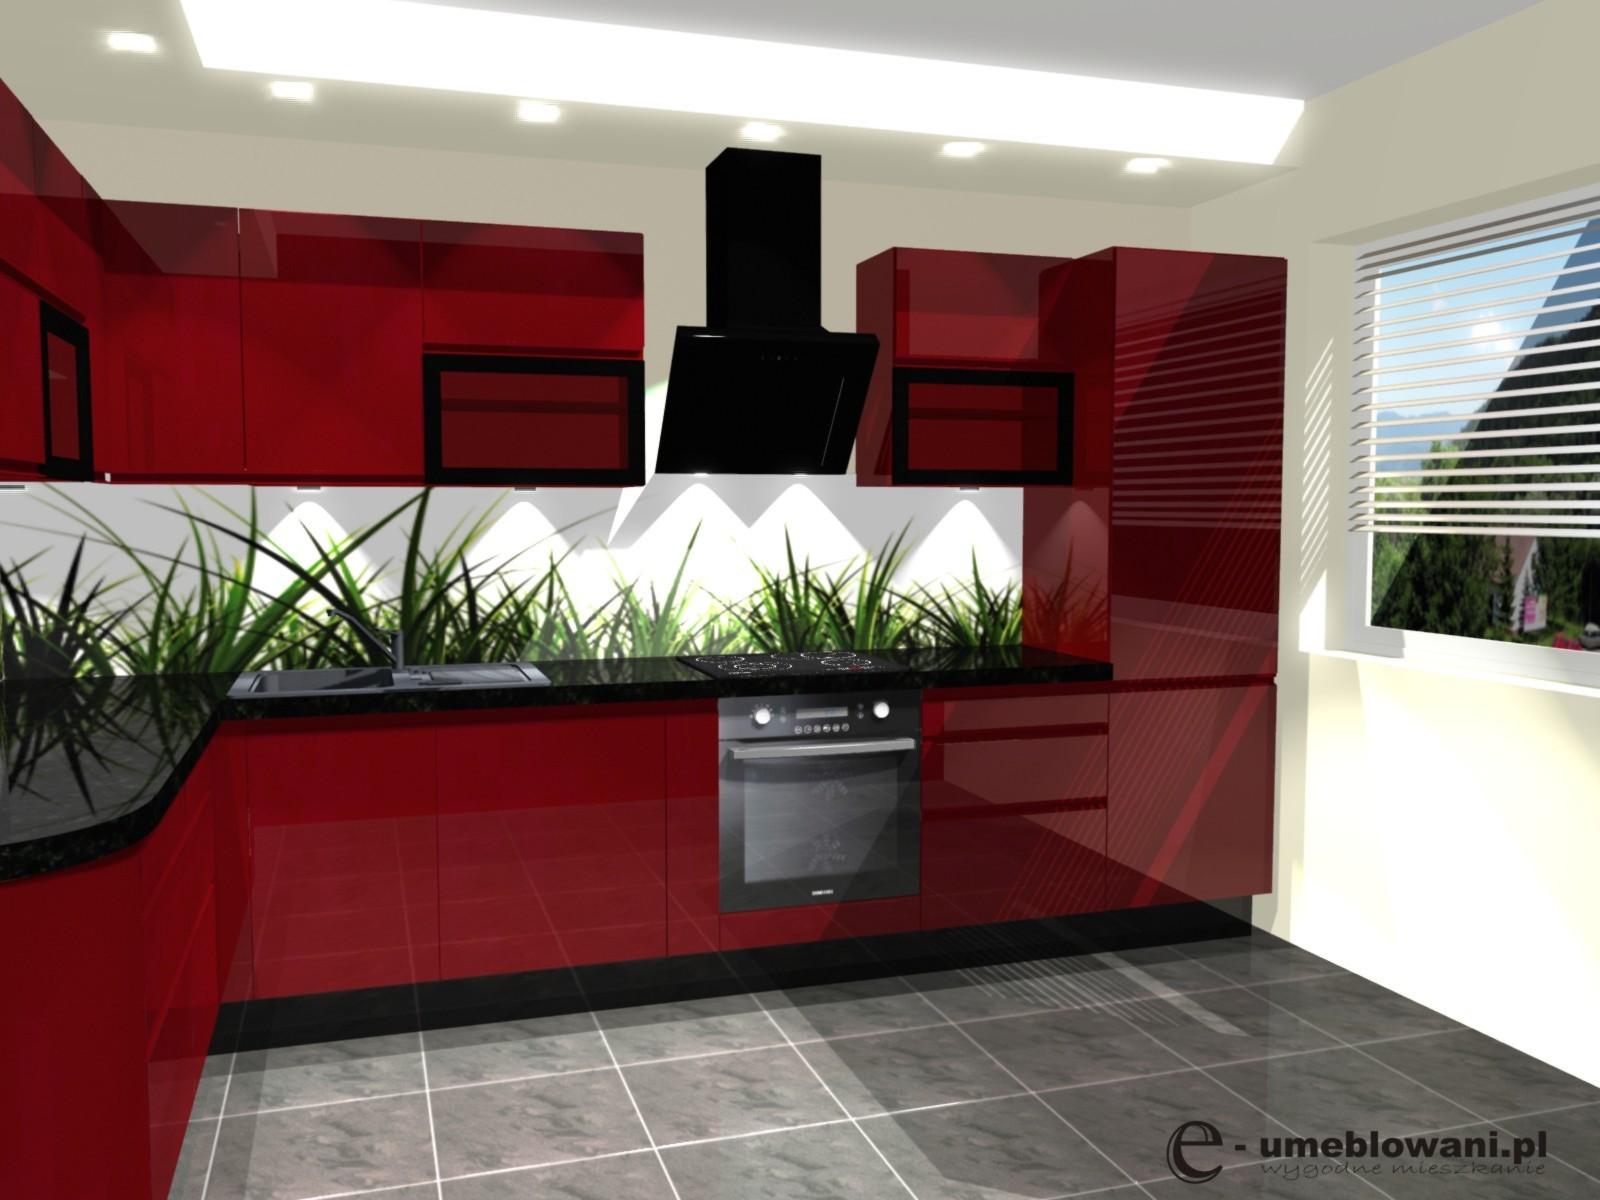 Projekt Kuchni W Bloku Zdjecie Projekty Wnętrz I Aranżacje Mieszkań